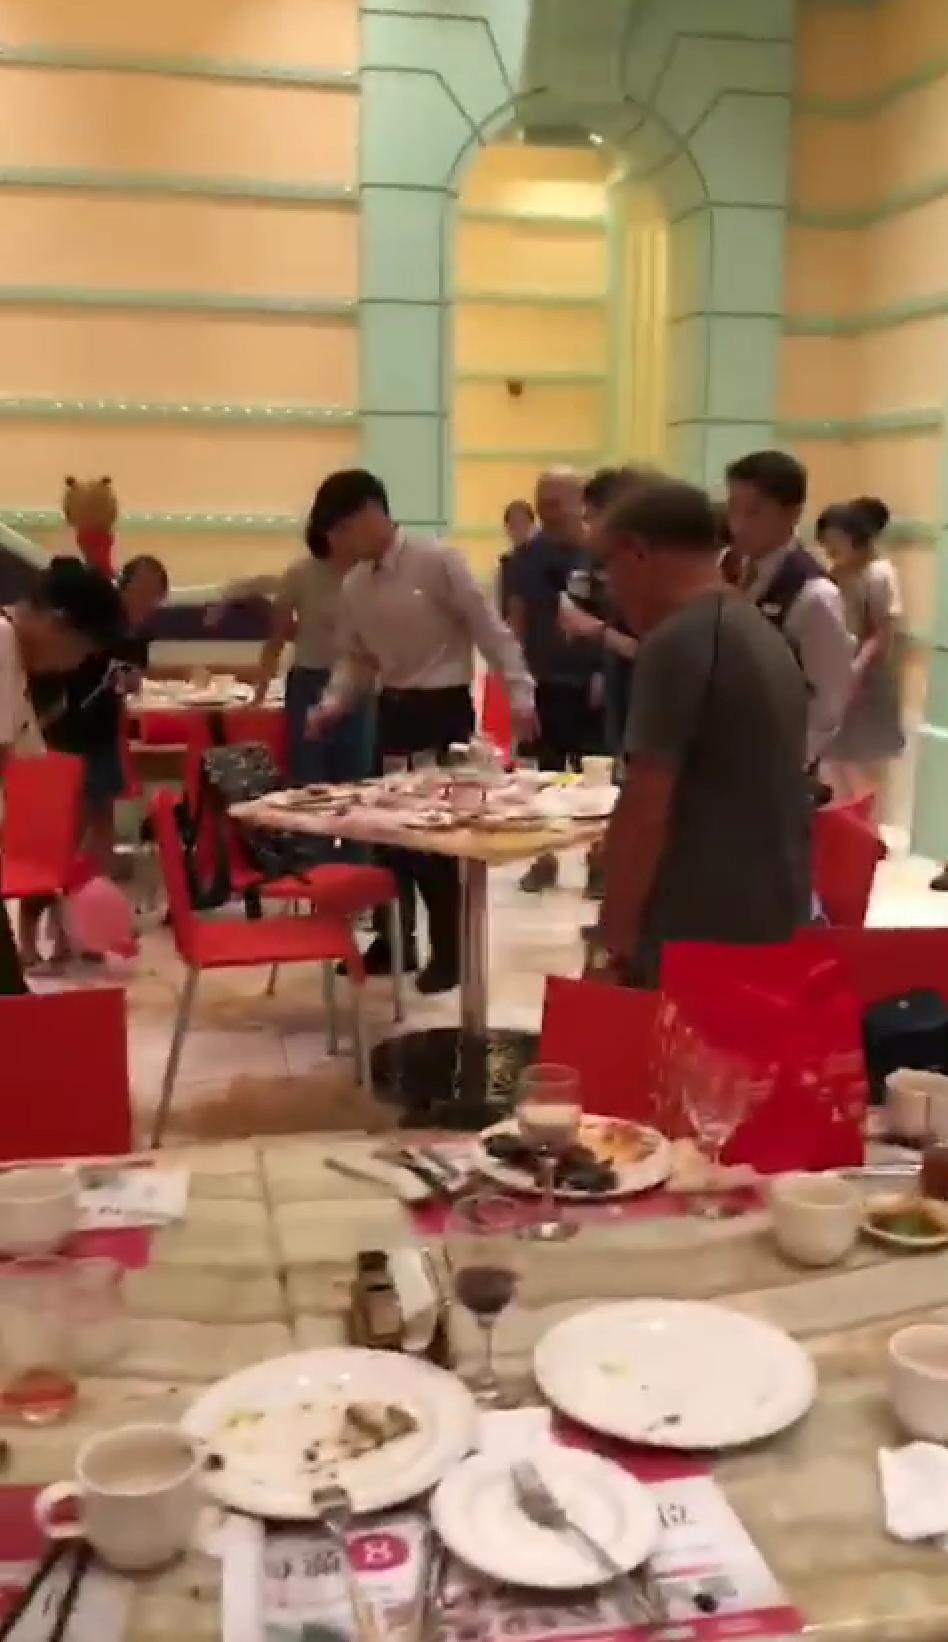 高雄知名餐廳林皇宮昨中午遭「米奇」入侵,現場引發一陣騷動,連服務生也不知如何處理...